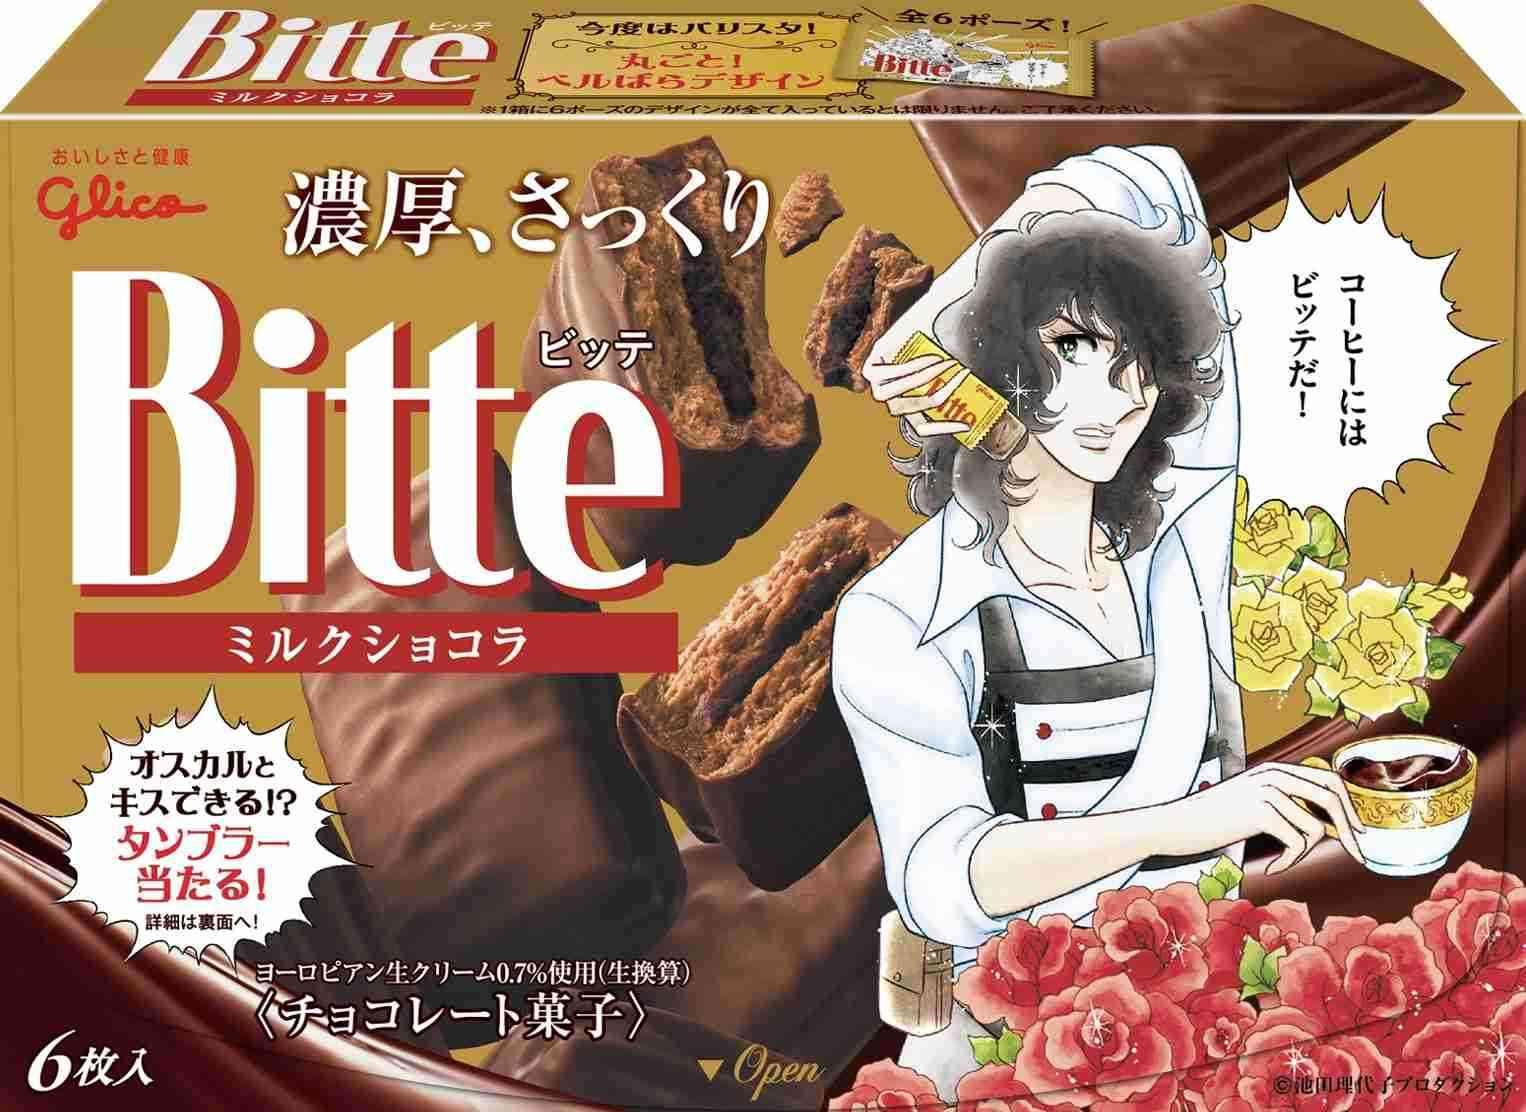 「オスカルとキスできるタンブラー」爆誕 「ベルばら」とチョコ菓子「Bitte」のコラボで